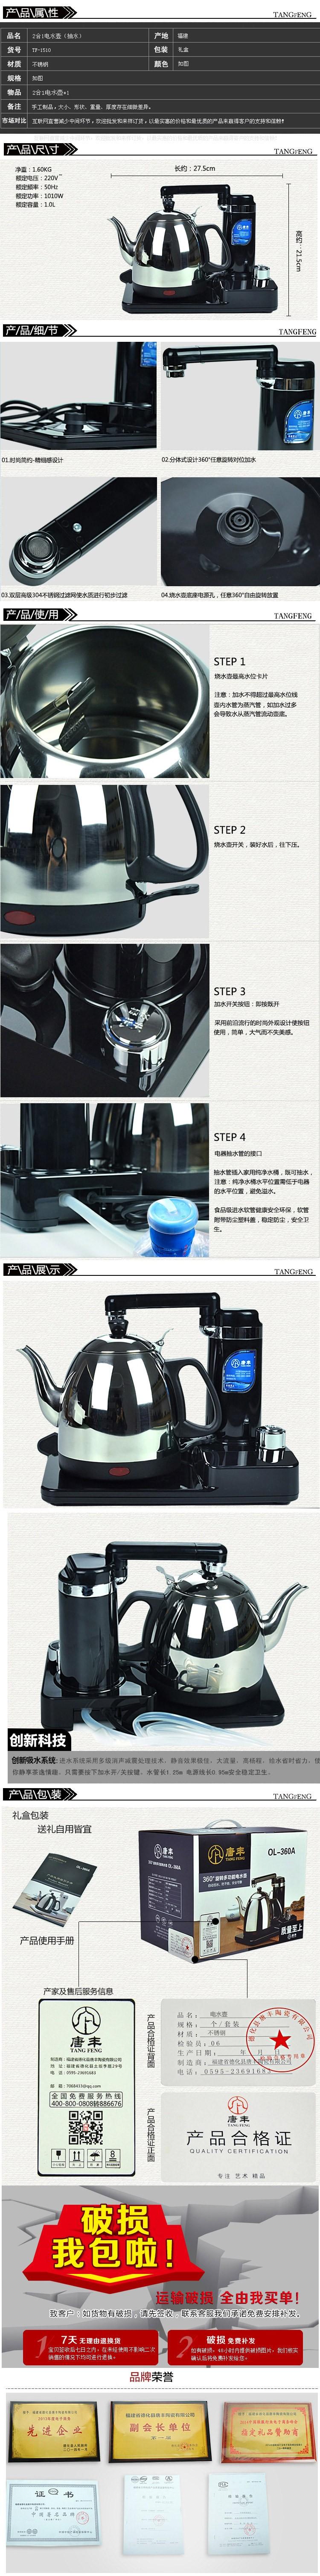 二合一电水壶抽水多功能电磁炉